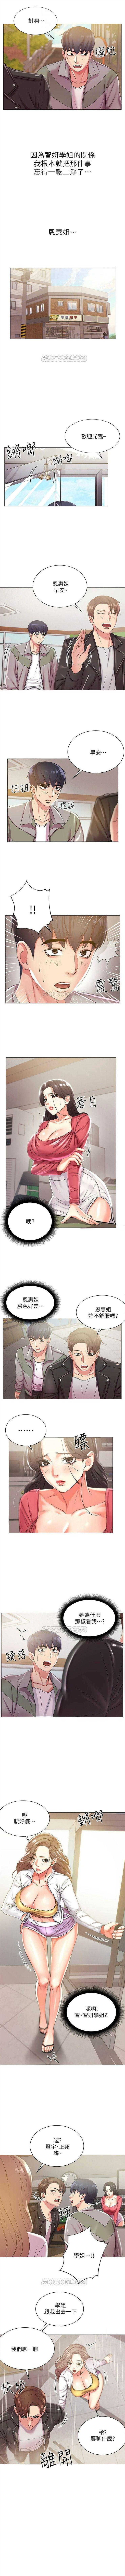 (週3)超市的漂亮姐姐 1-18 中文翻譯(更新中) 74